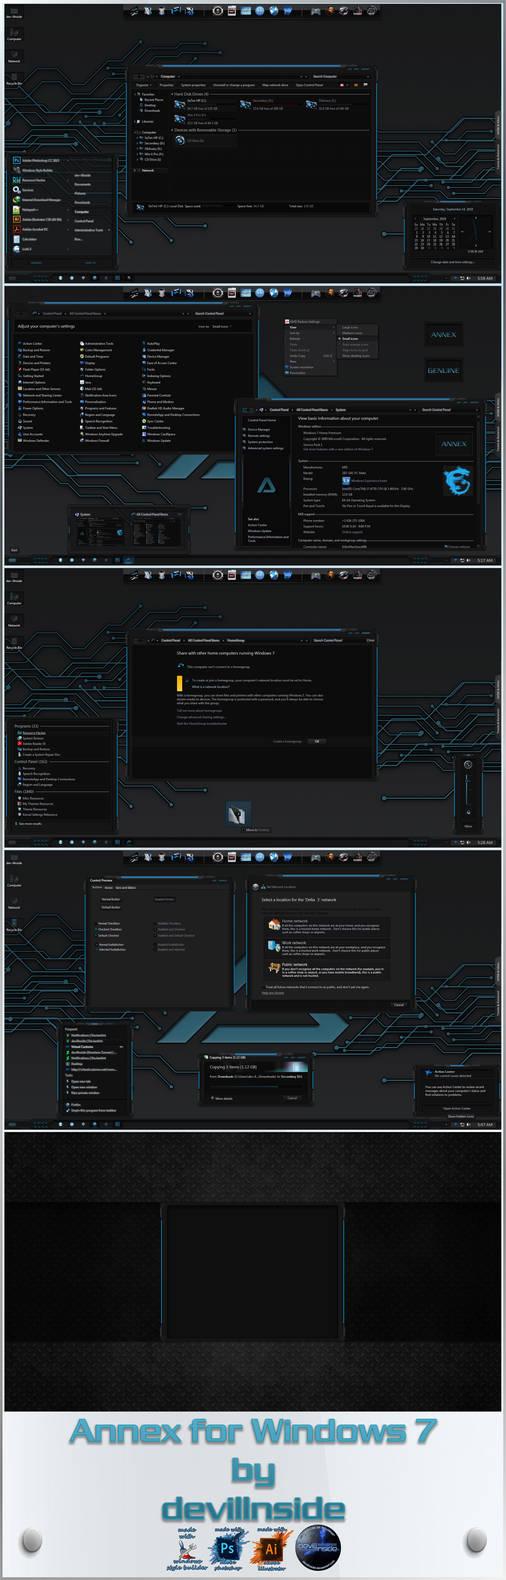 Annex for Windows 7